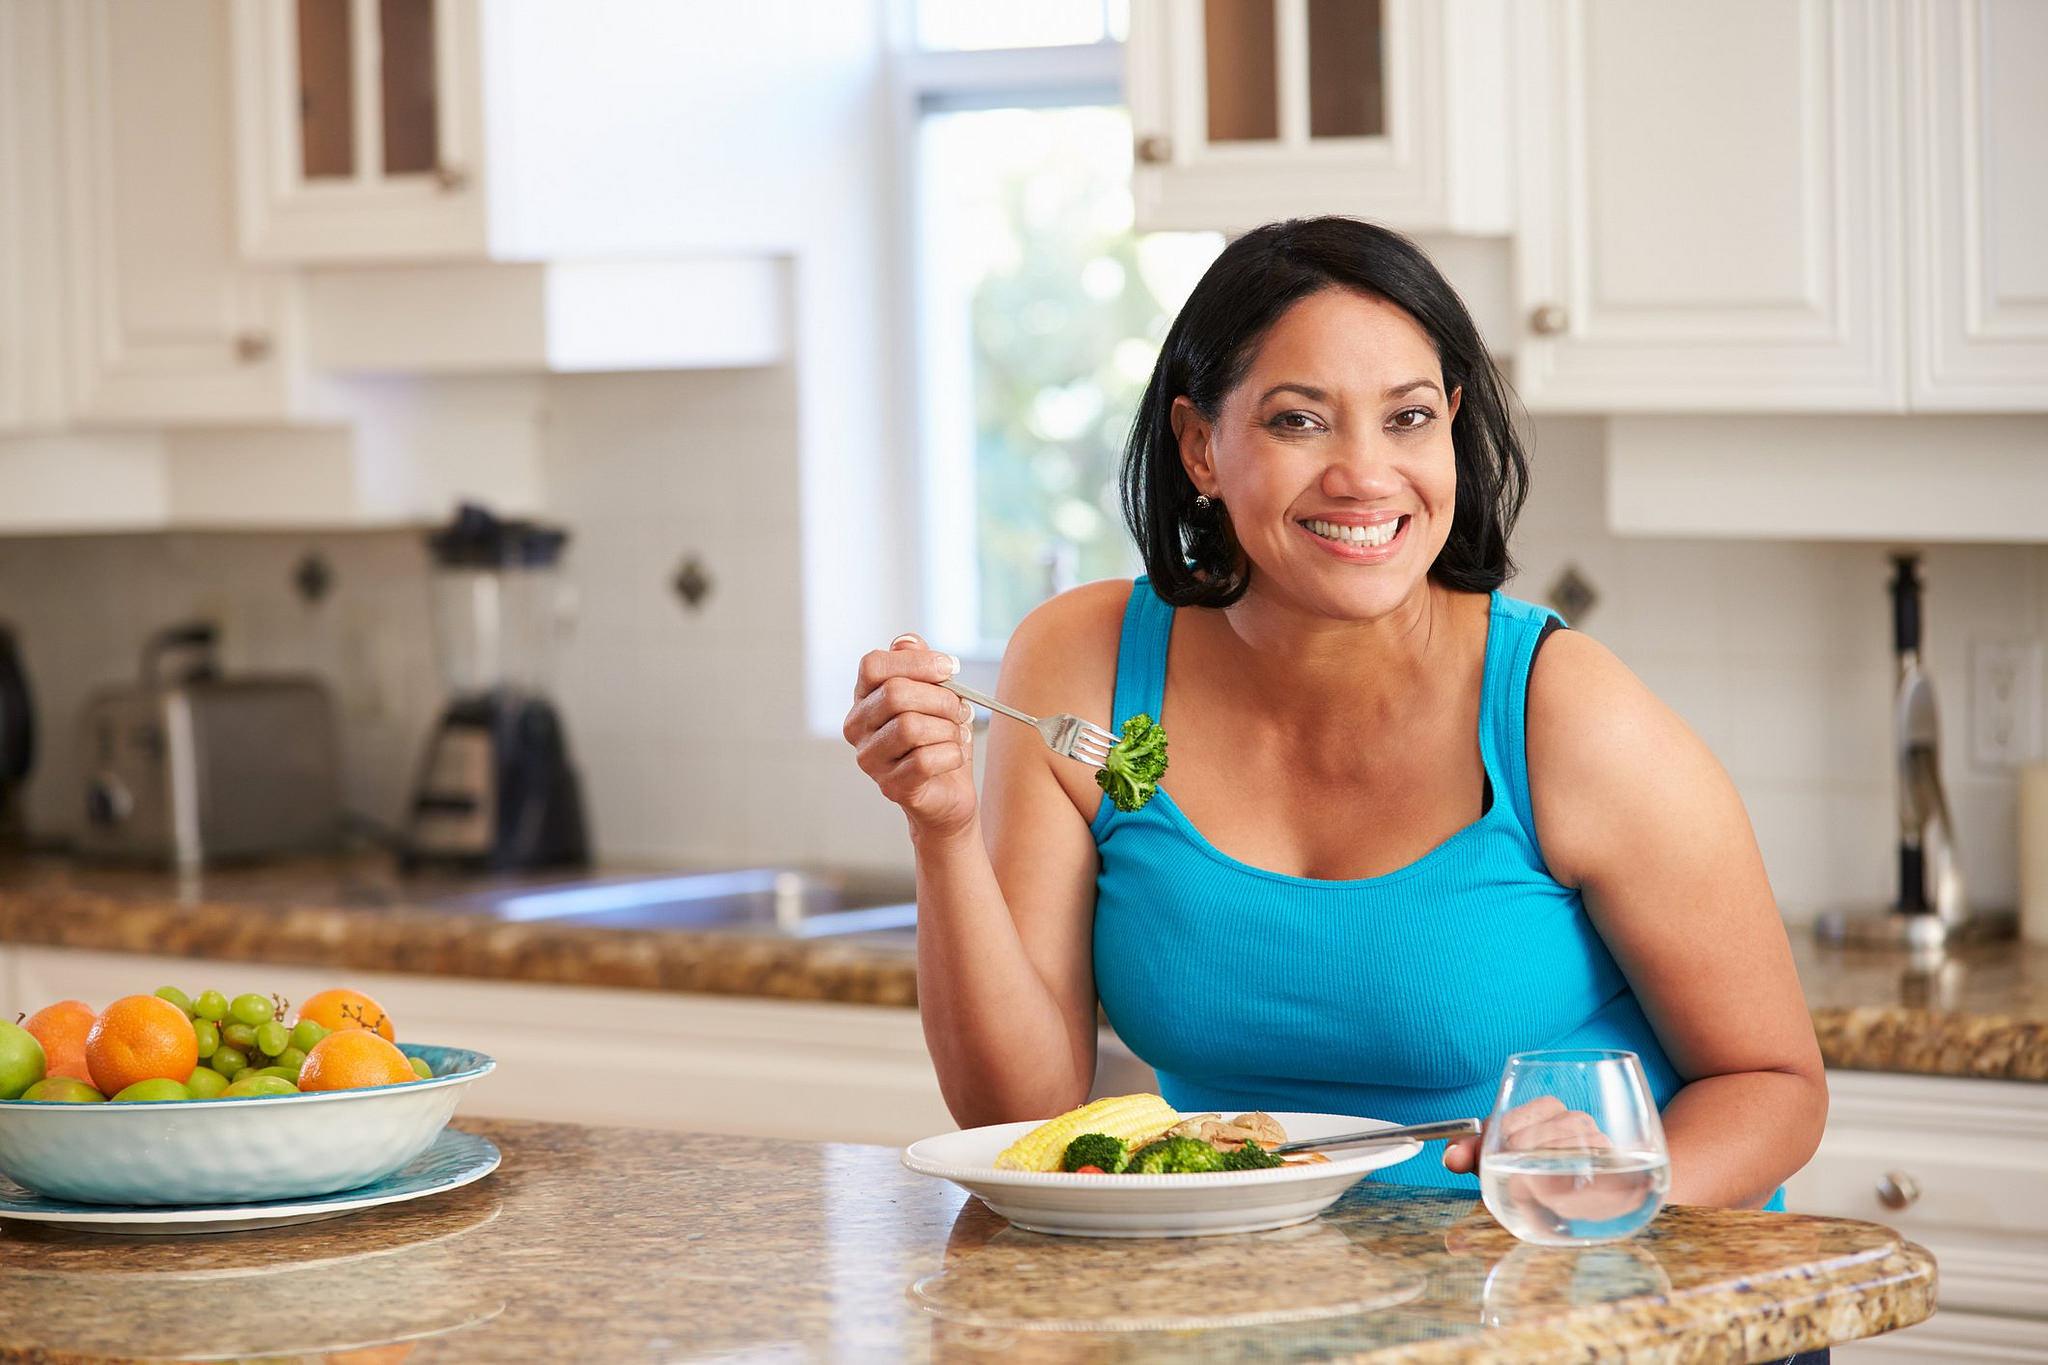 11 міфів про харчування, які роблять вас товщі